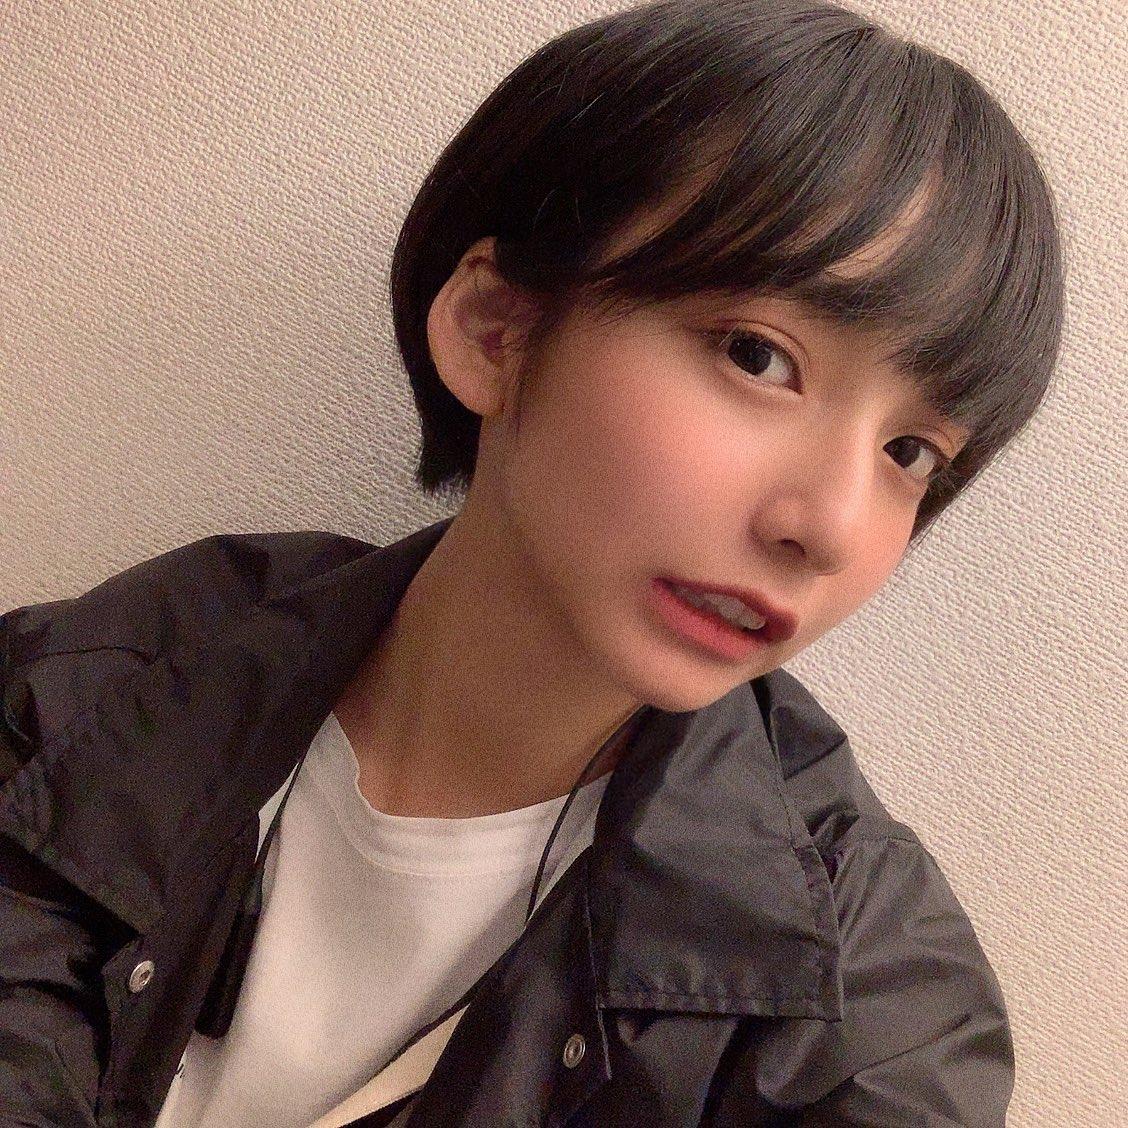 【画像】宇垣美里さん、髪をバッサリショートにイメチェン